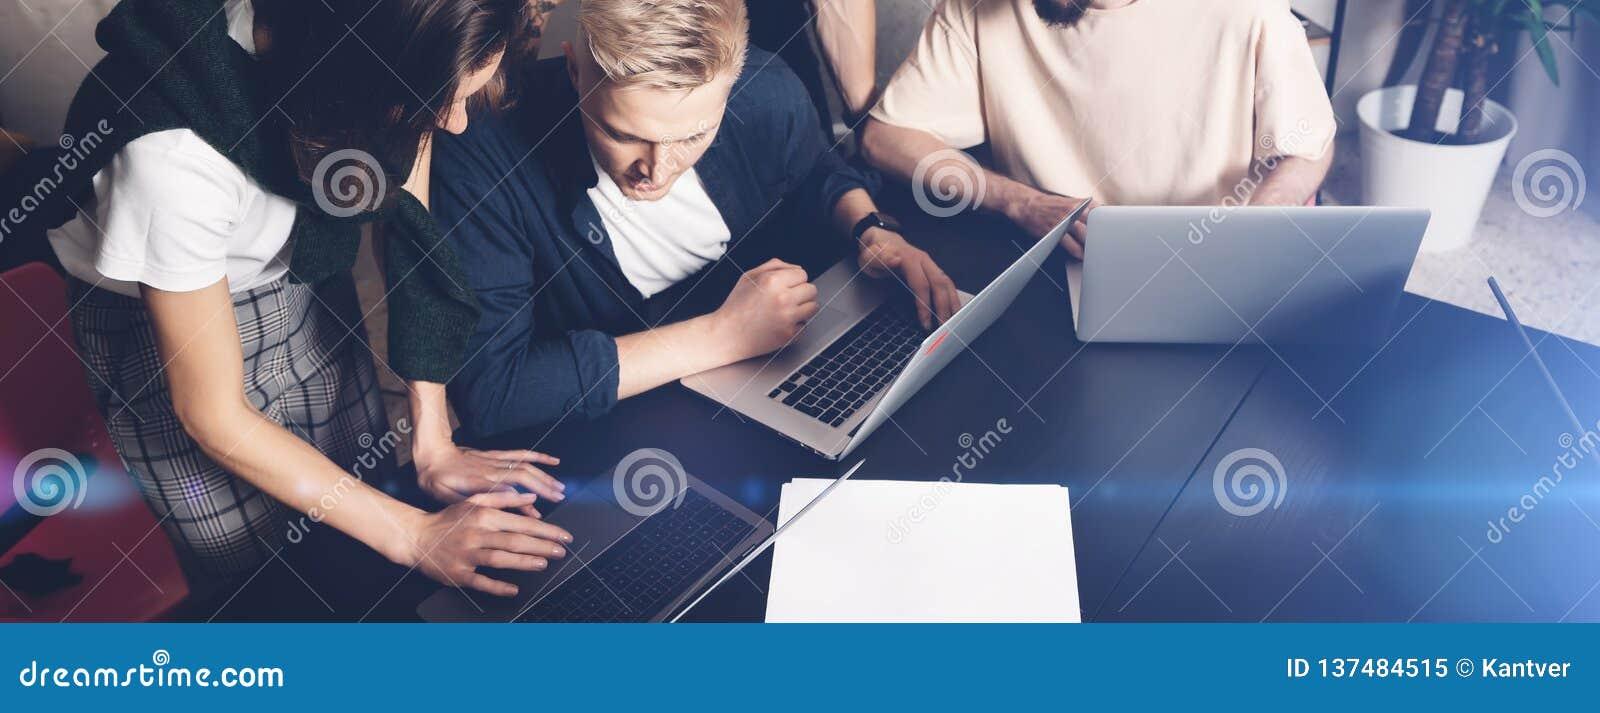 Ομάδα συναδέλφων στην εργασία Ομάδα νέων επιχειρηματιών στην καθιερώνουσα τη μόδα περιστασιακή ένδυση που λειτουργεί μαζί στο δημ